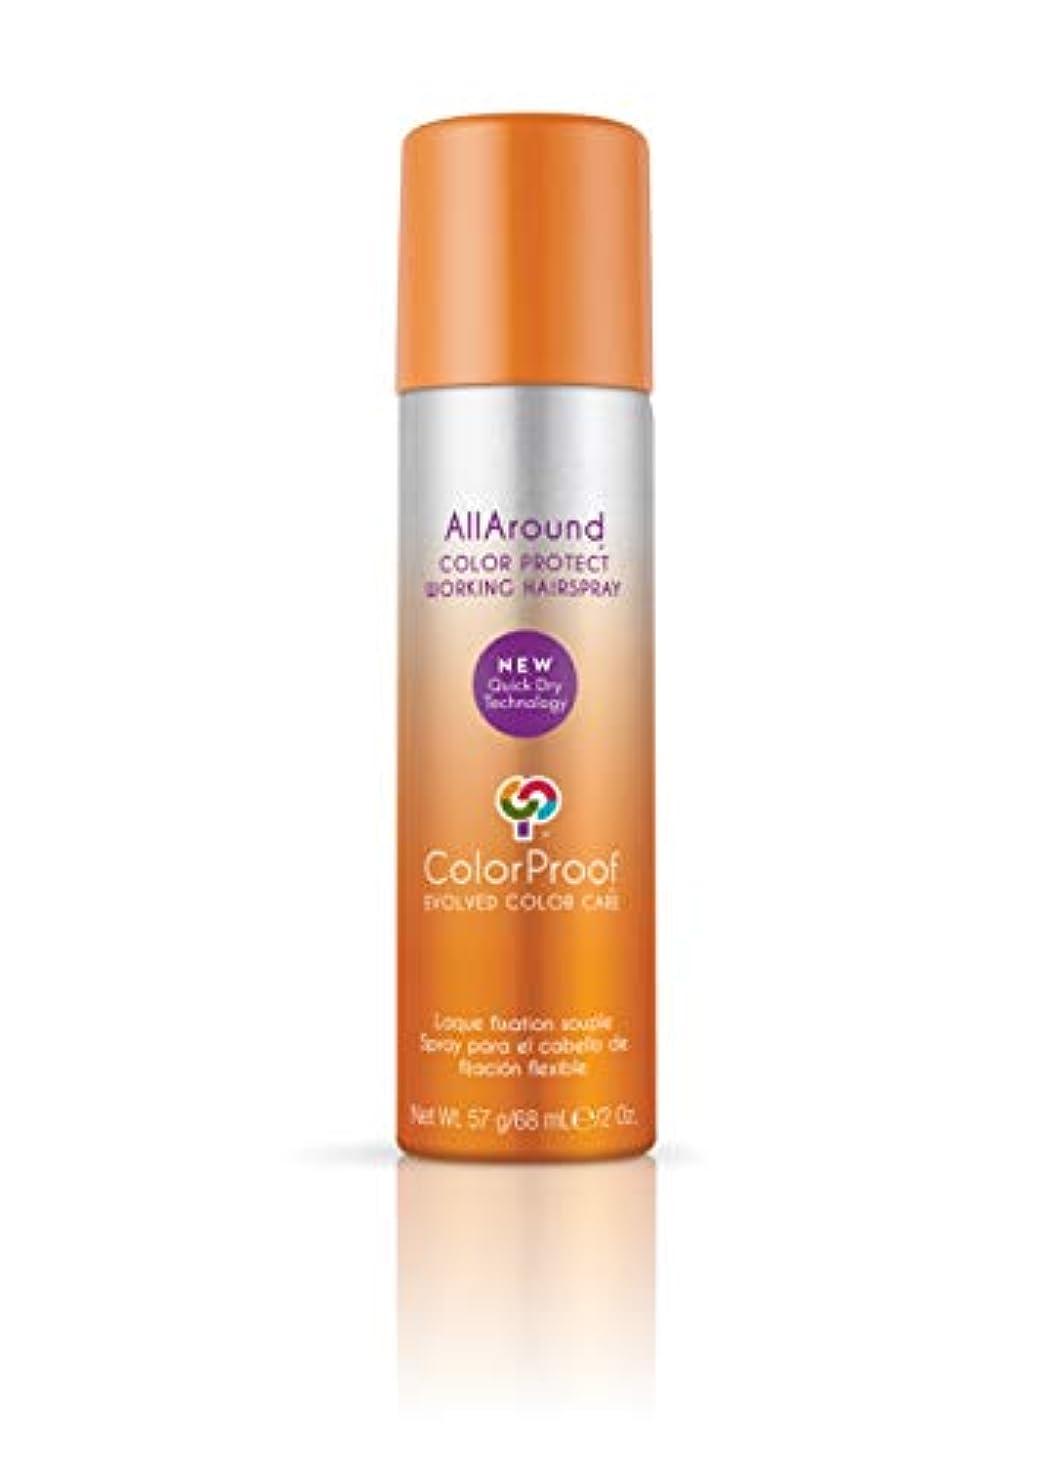 読む微視的ColorProof Evolved Color Care ColorProof色ケア当局オールアラウンド色ワーキングヘアスプレー、2オズの保護 2オンス オレンジ